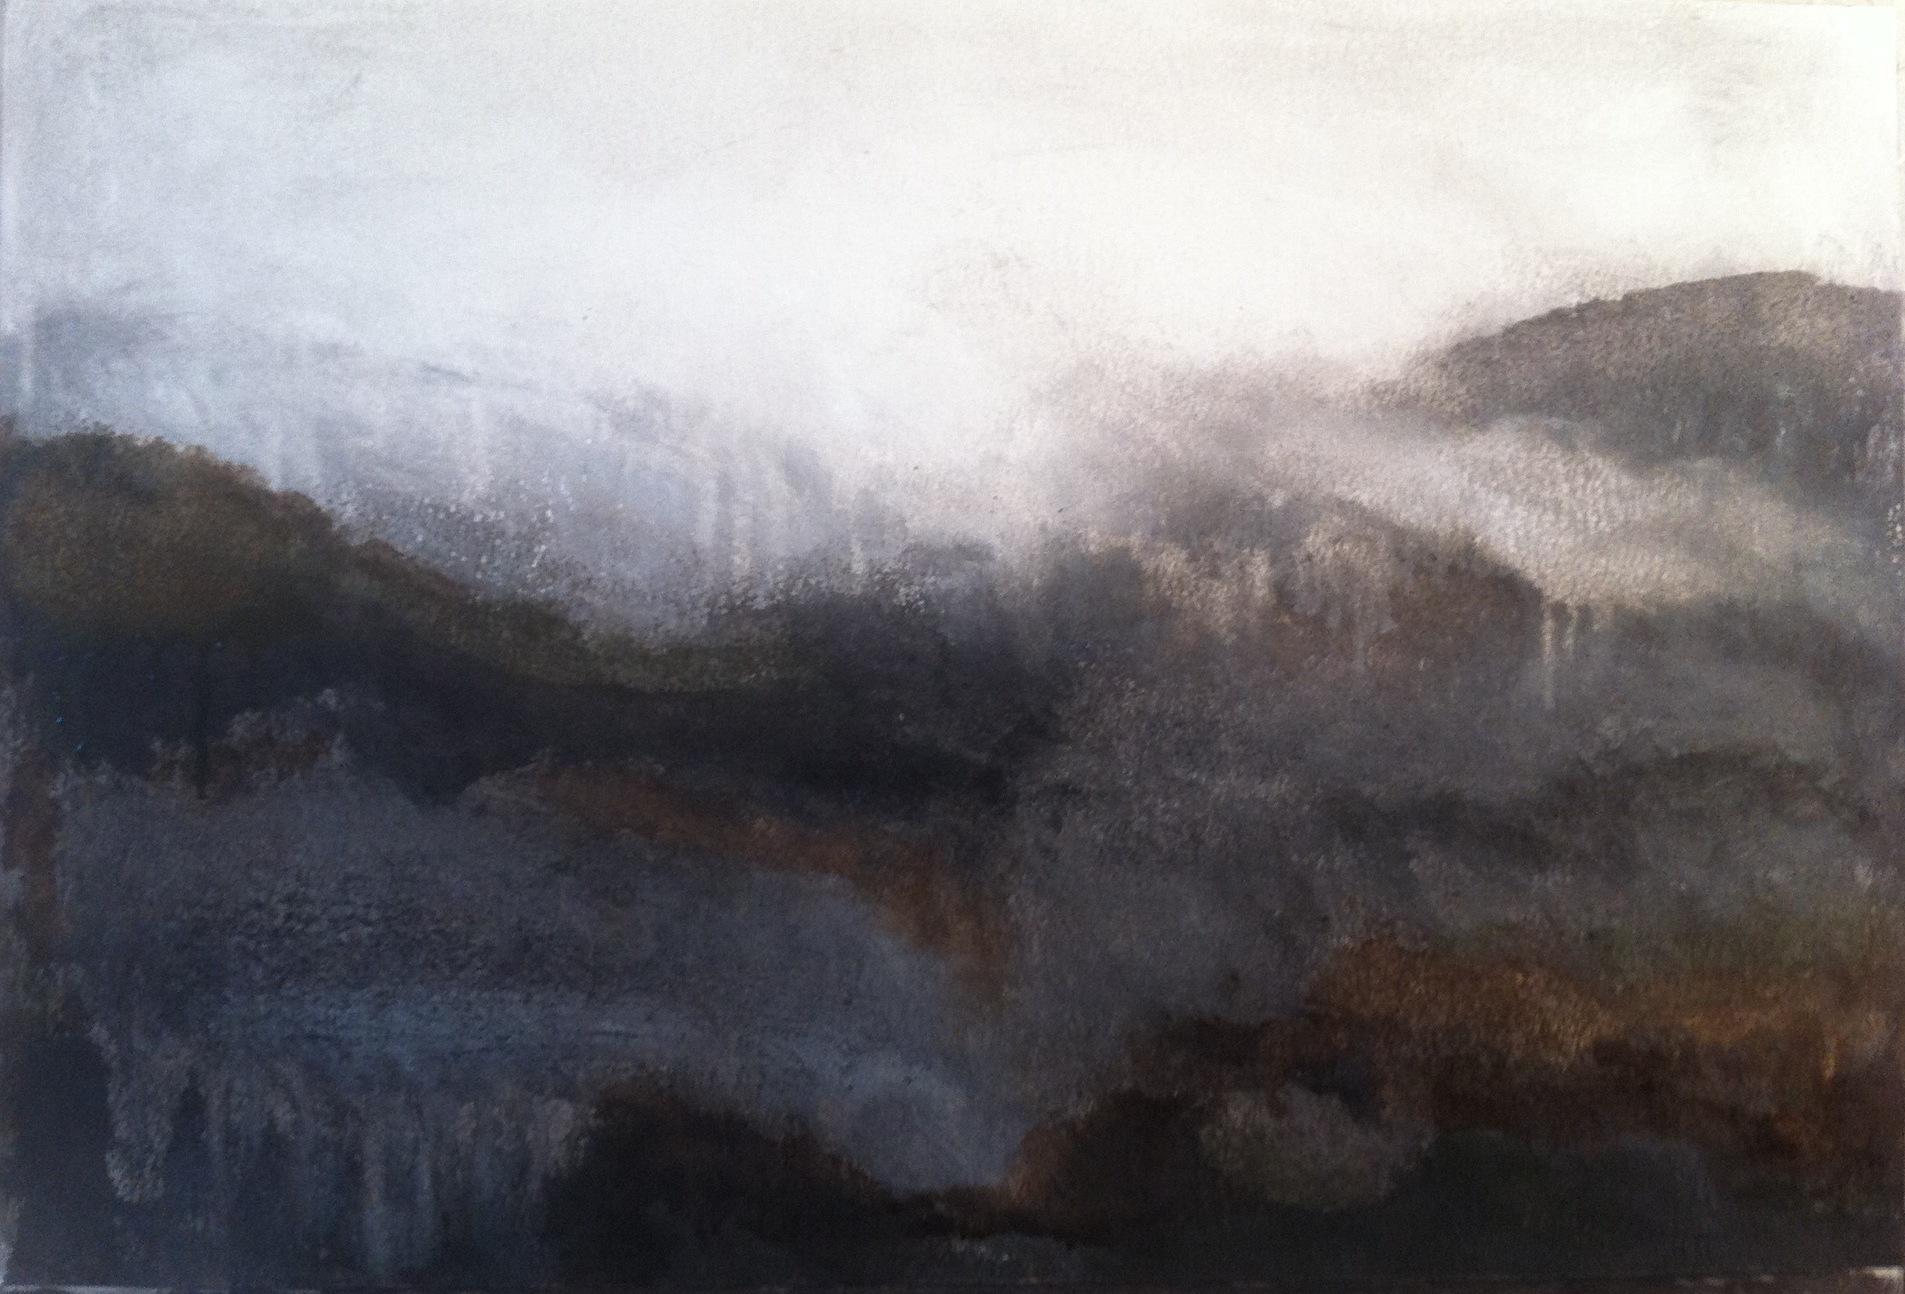 N°853 - Brume dans les Albères - Acrylique sur papier - 38 x 56,5 cm - 3 décembre 2013